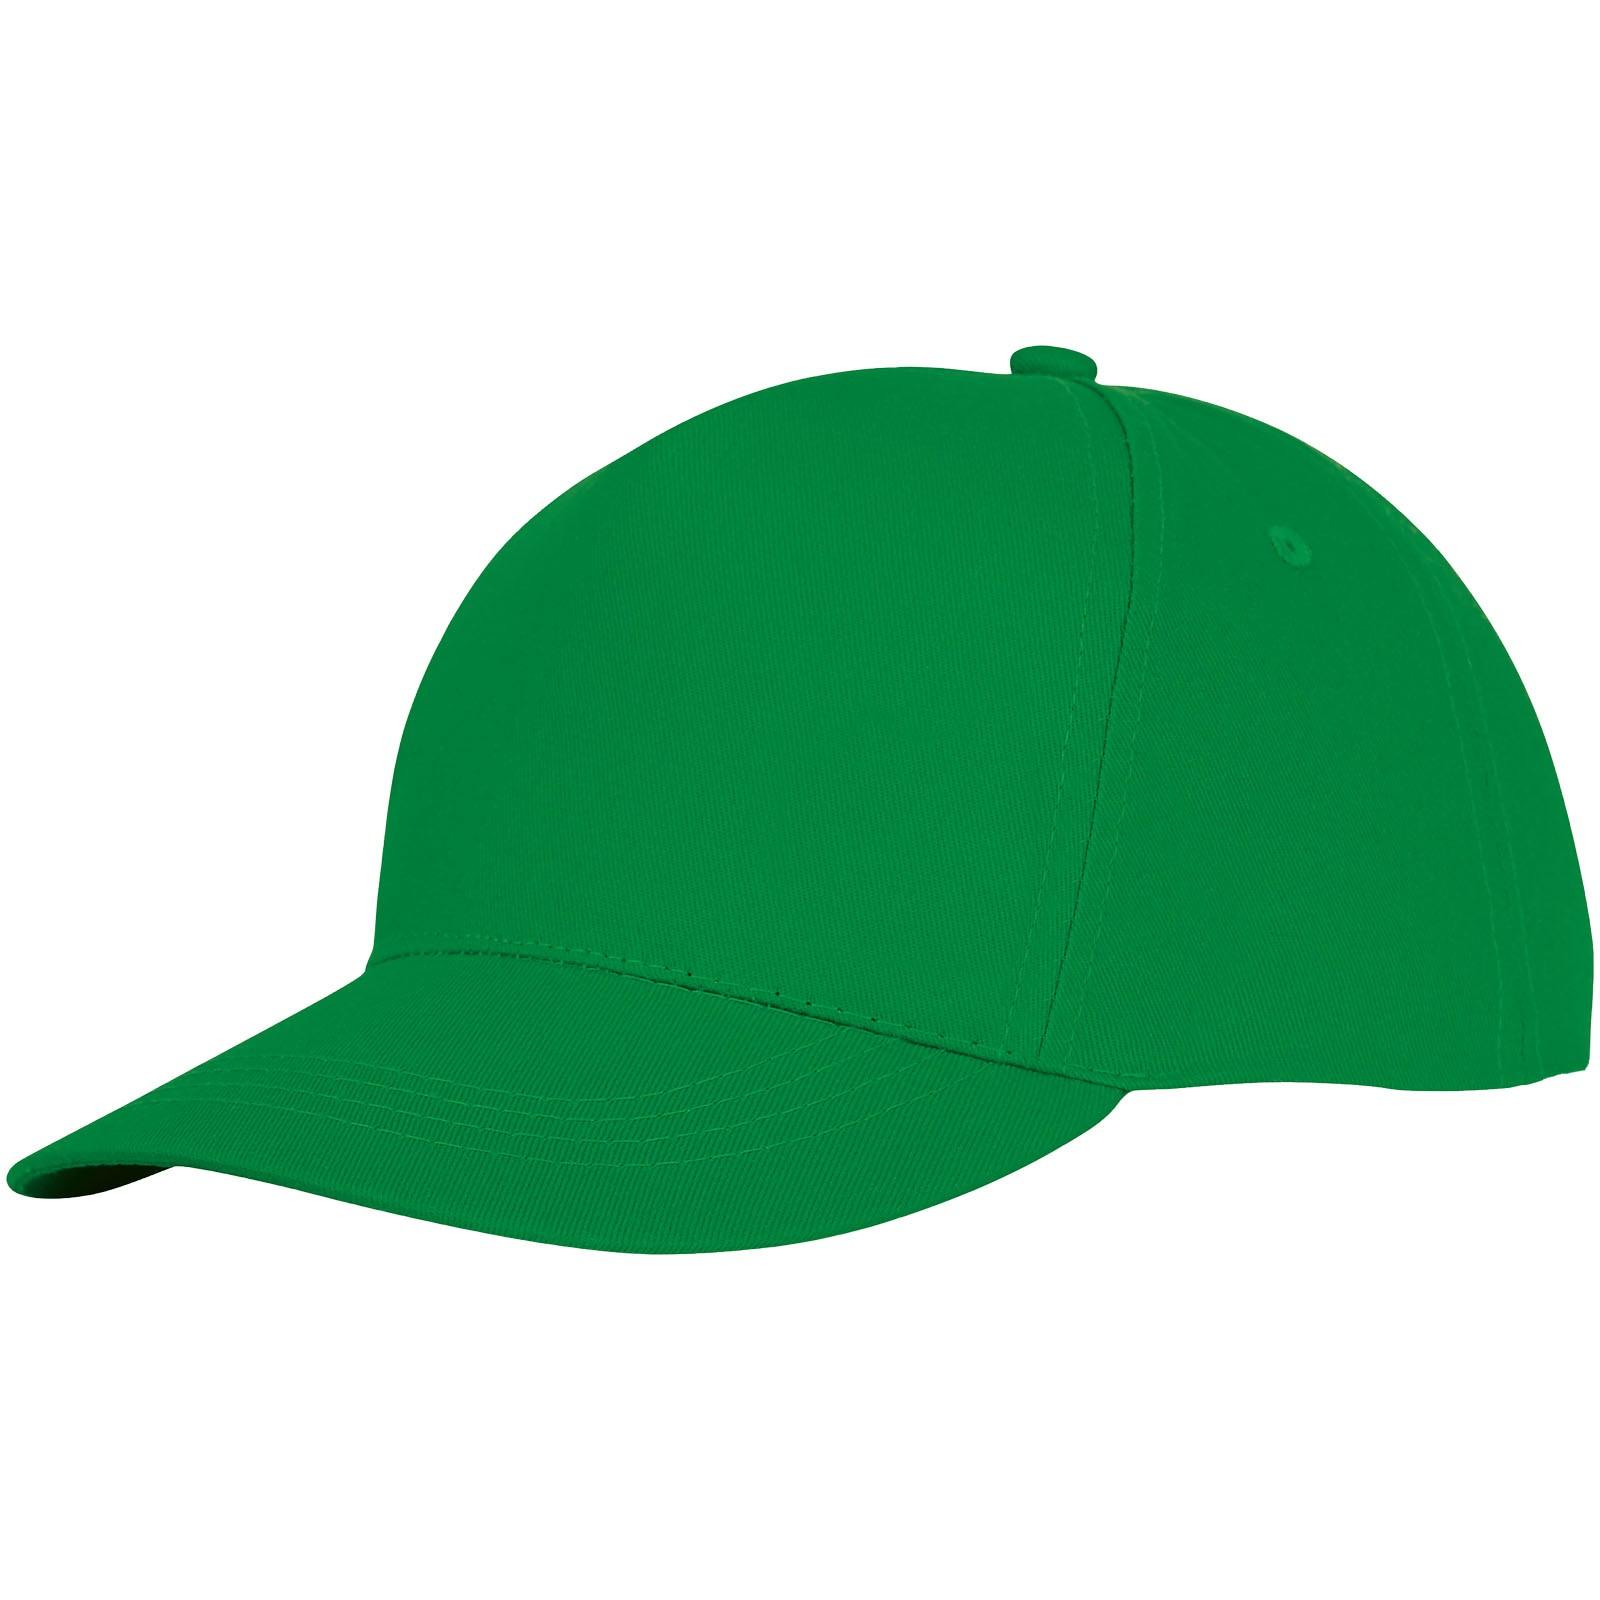 Hades 5panelová čepice - Fern Green